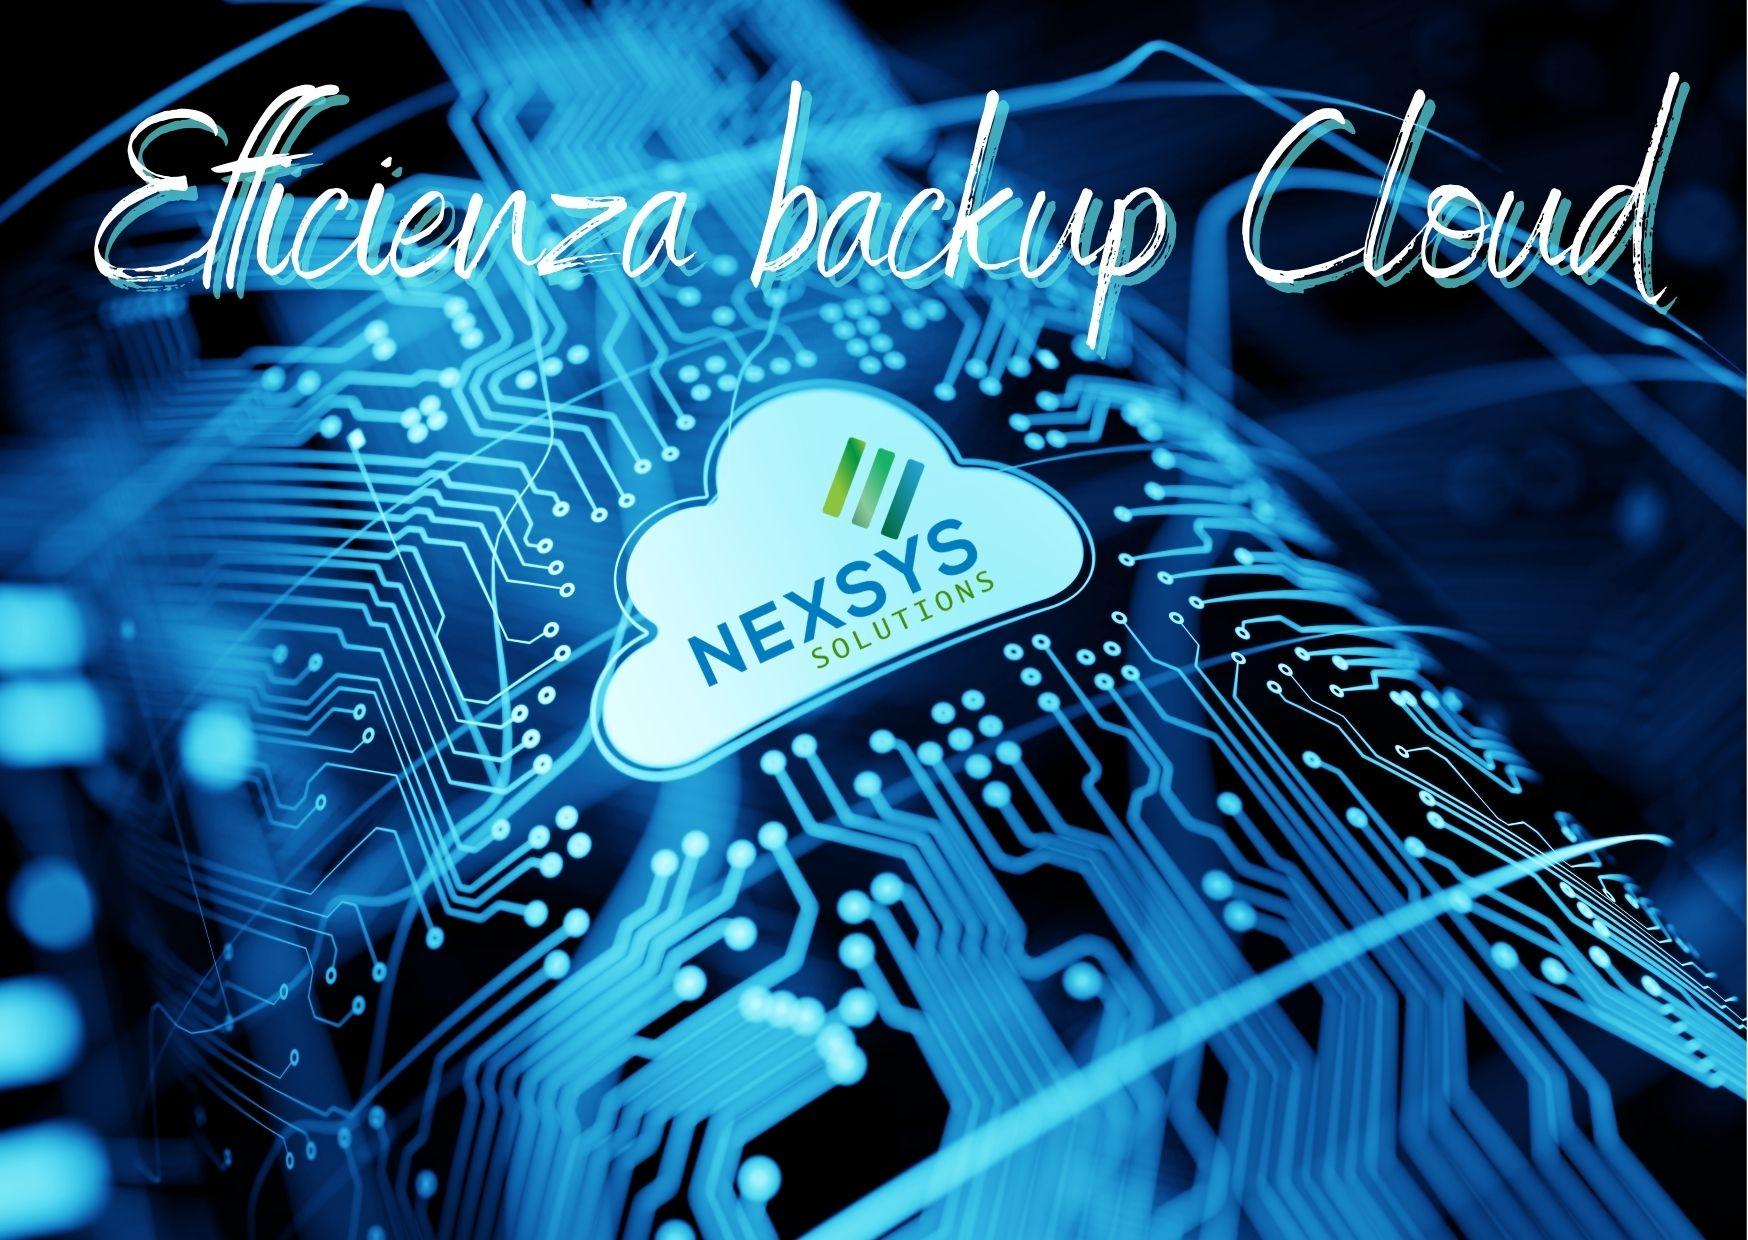 L'efficienza del backup in Cloud